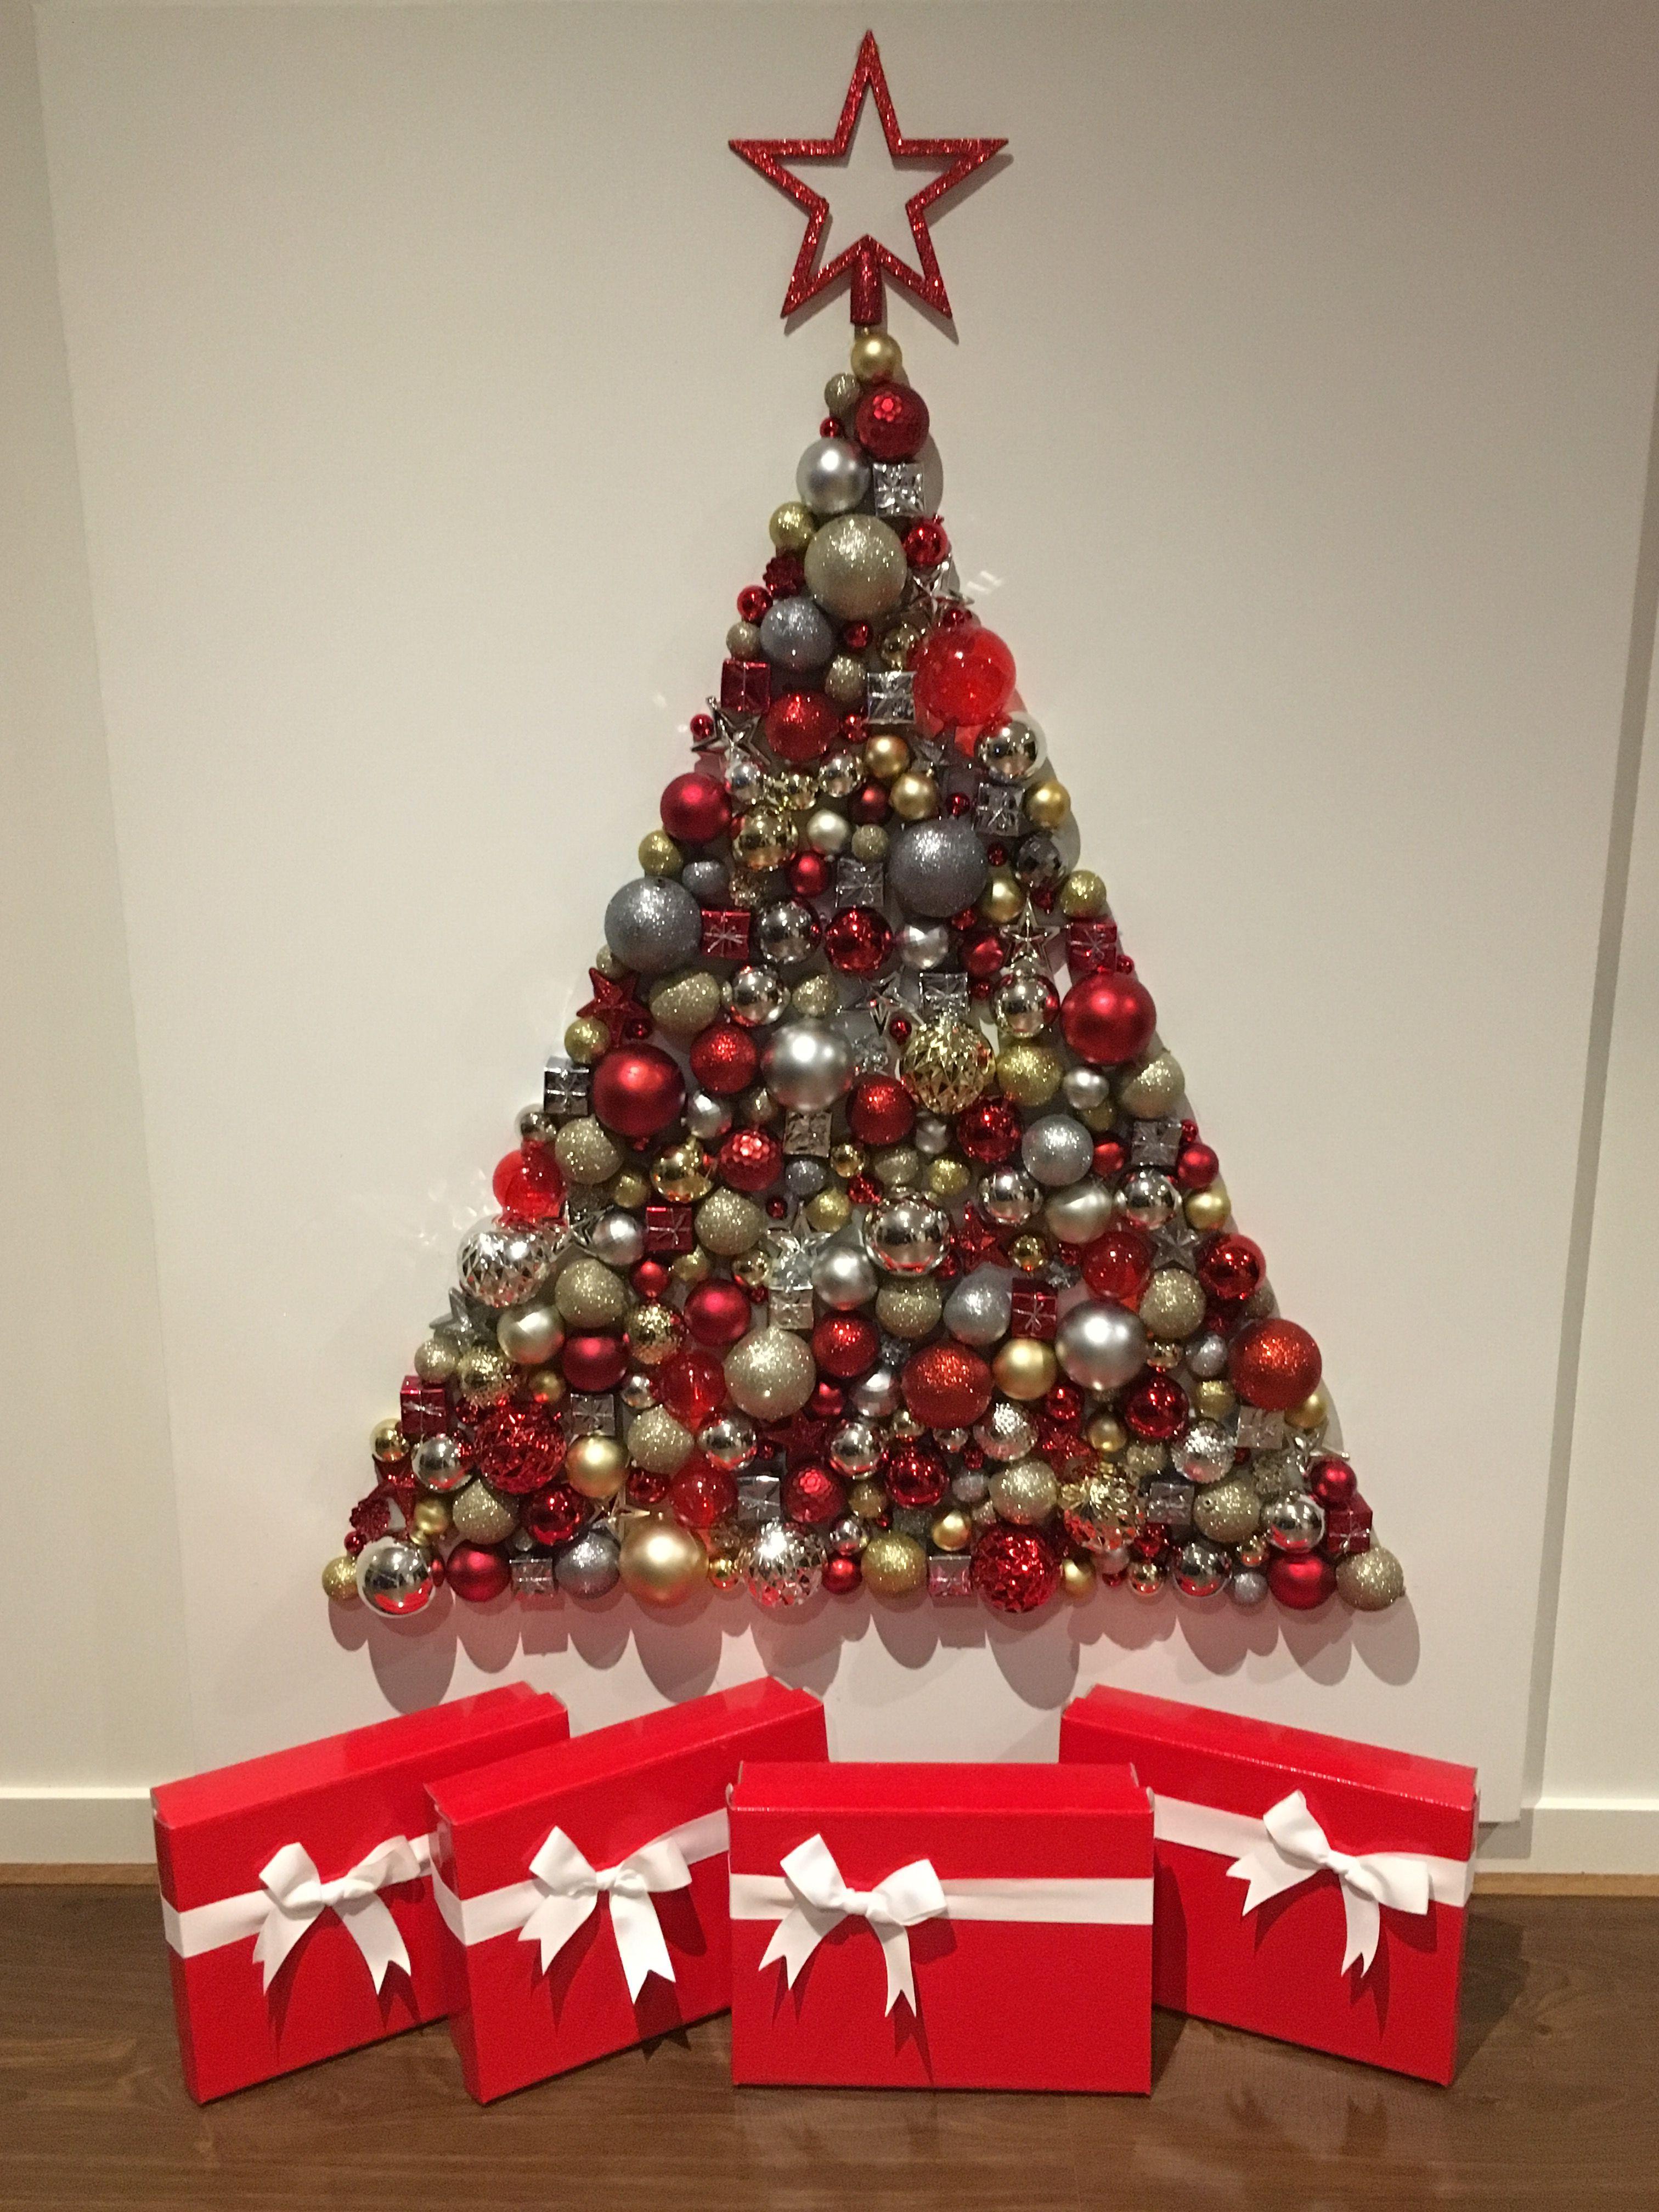 12 Kmart Christmas Tree Hack Kmart Christmas Trees White Christmas Decor Christmas Candle Decorations